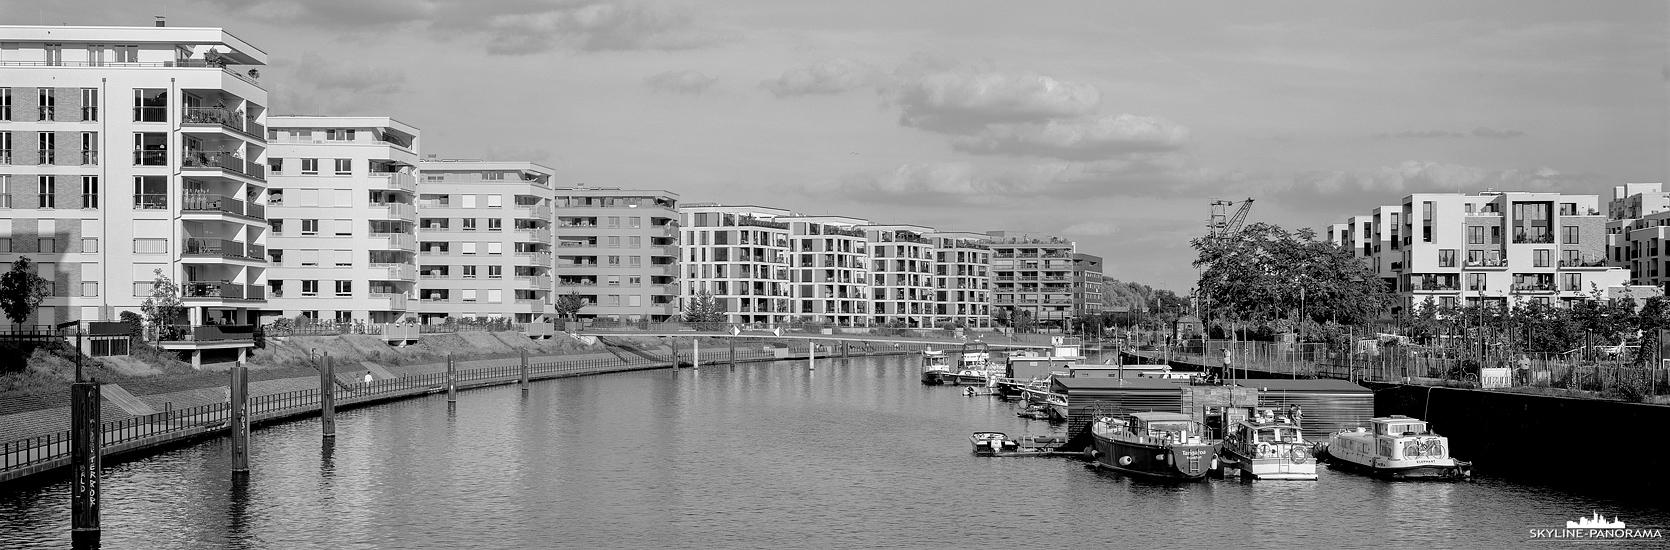 Hafen Offenbach - Hafeninsel (p_01201)